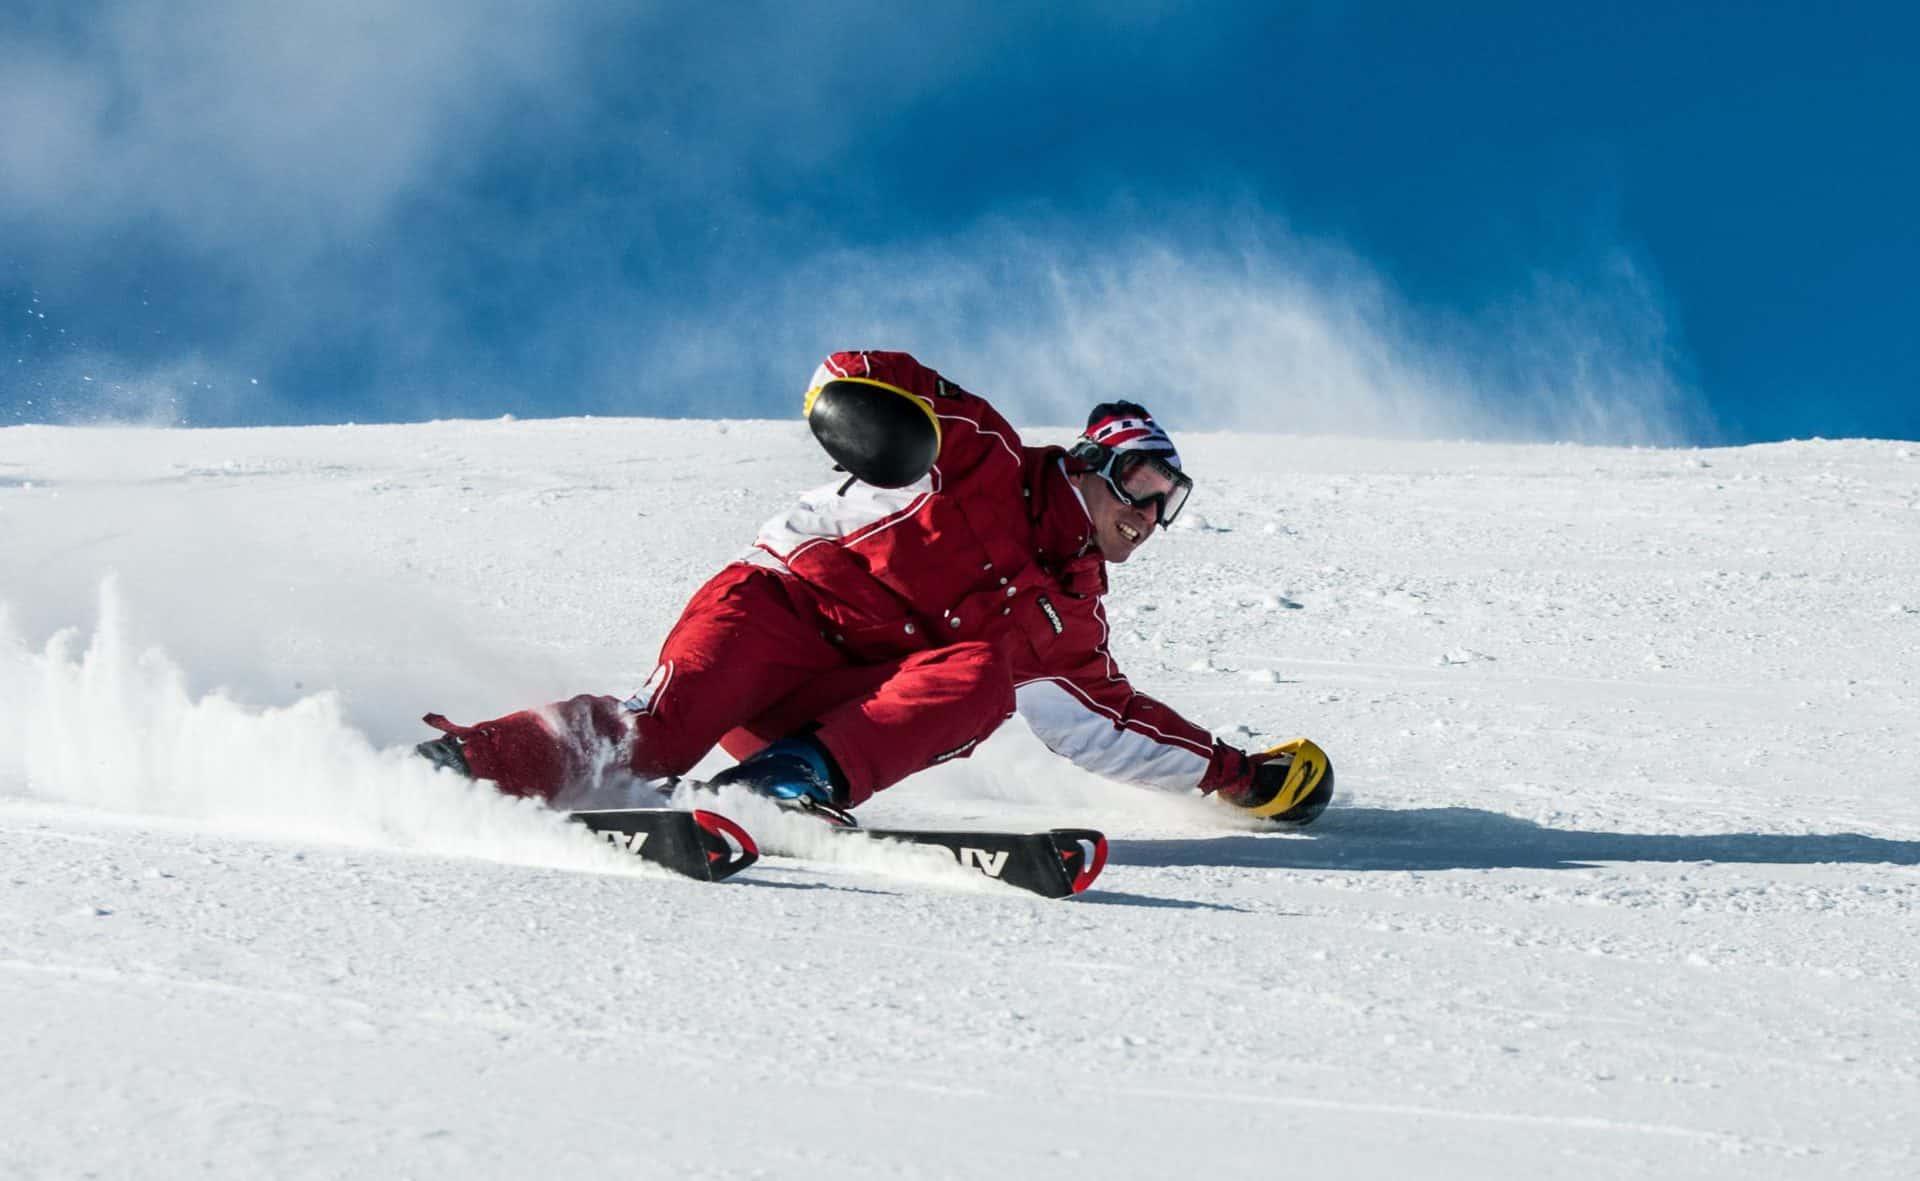 Abenteuer & Sport im Winter – Schweizer Schneeschuh Touren, Winterwanderungen & Langlaufen